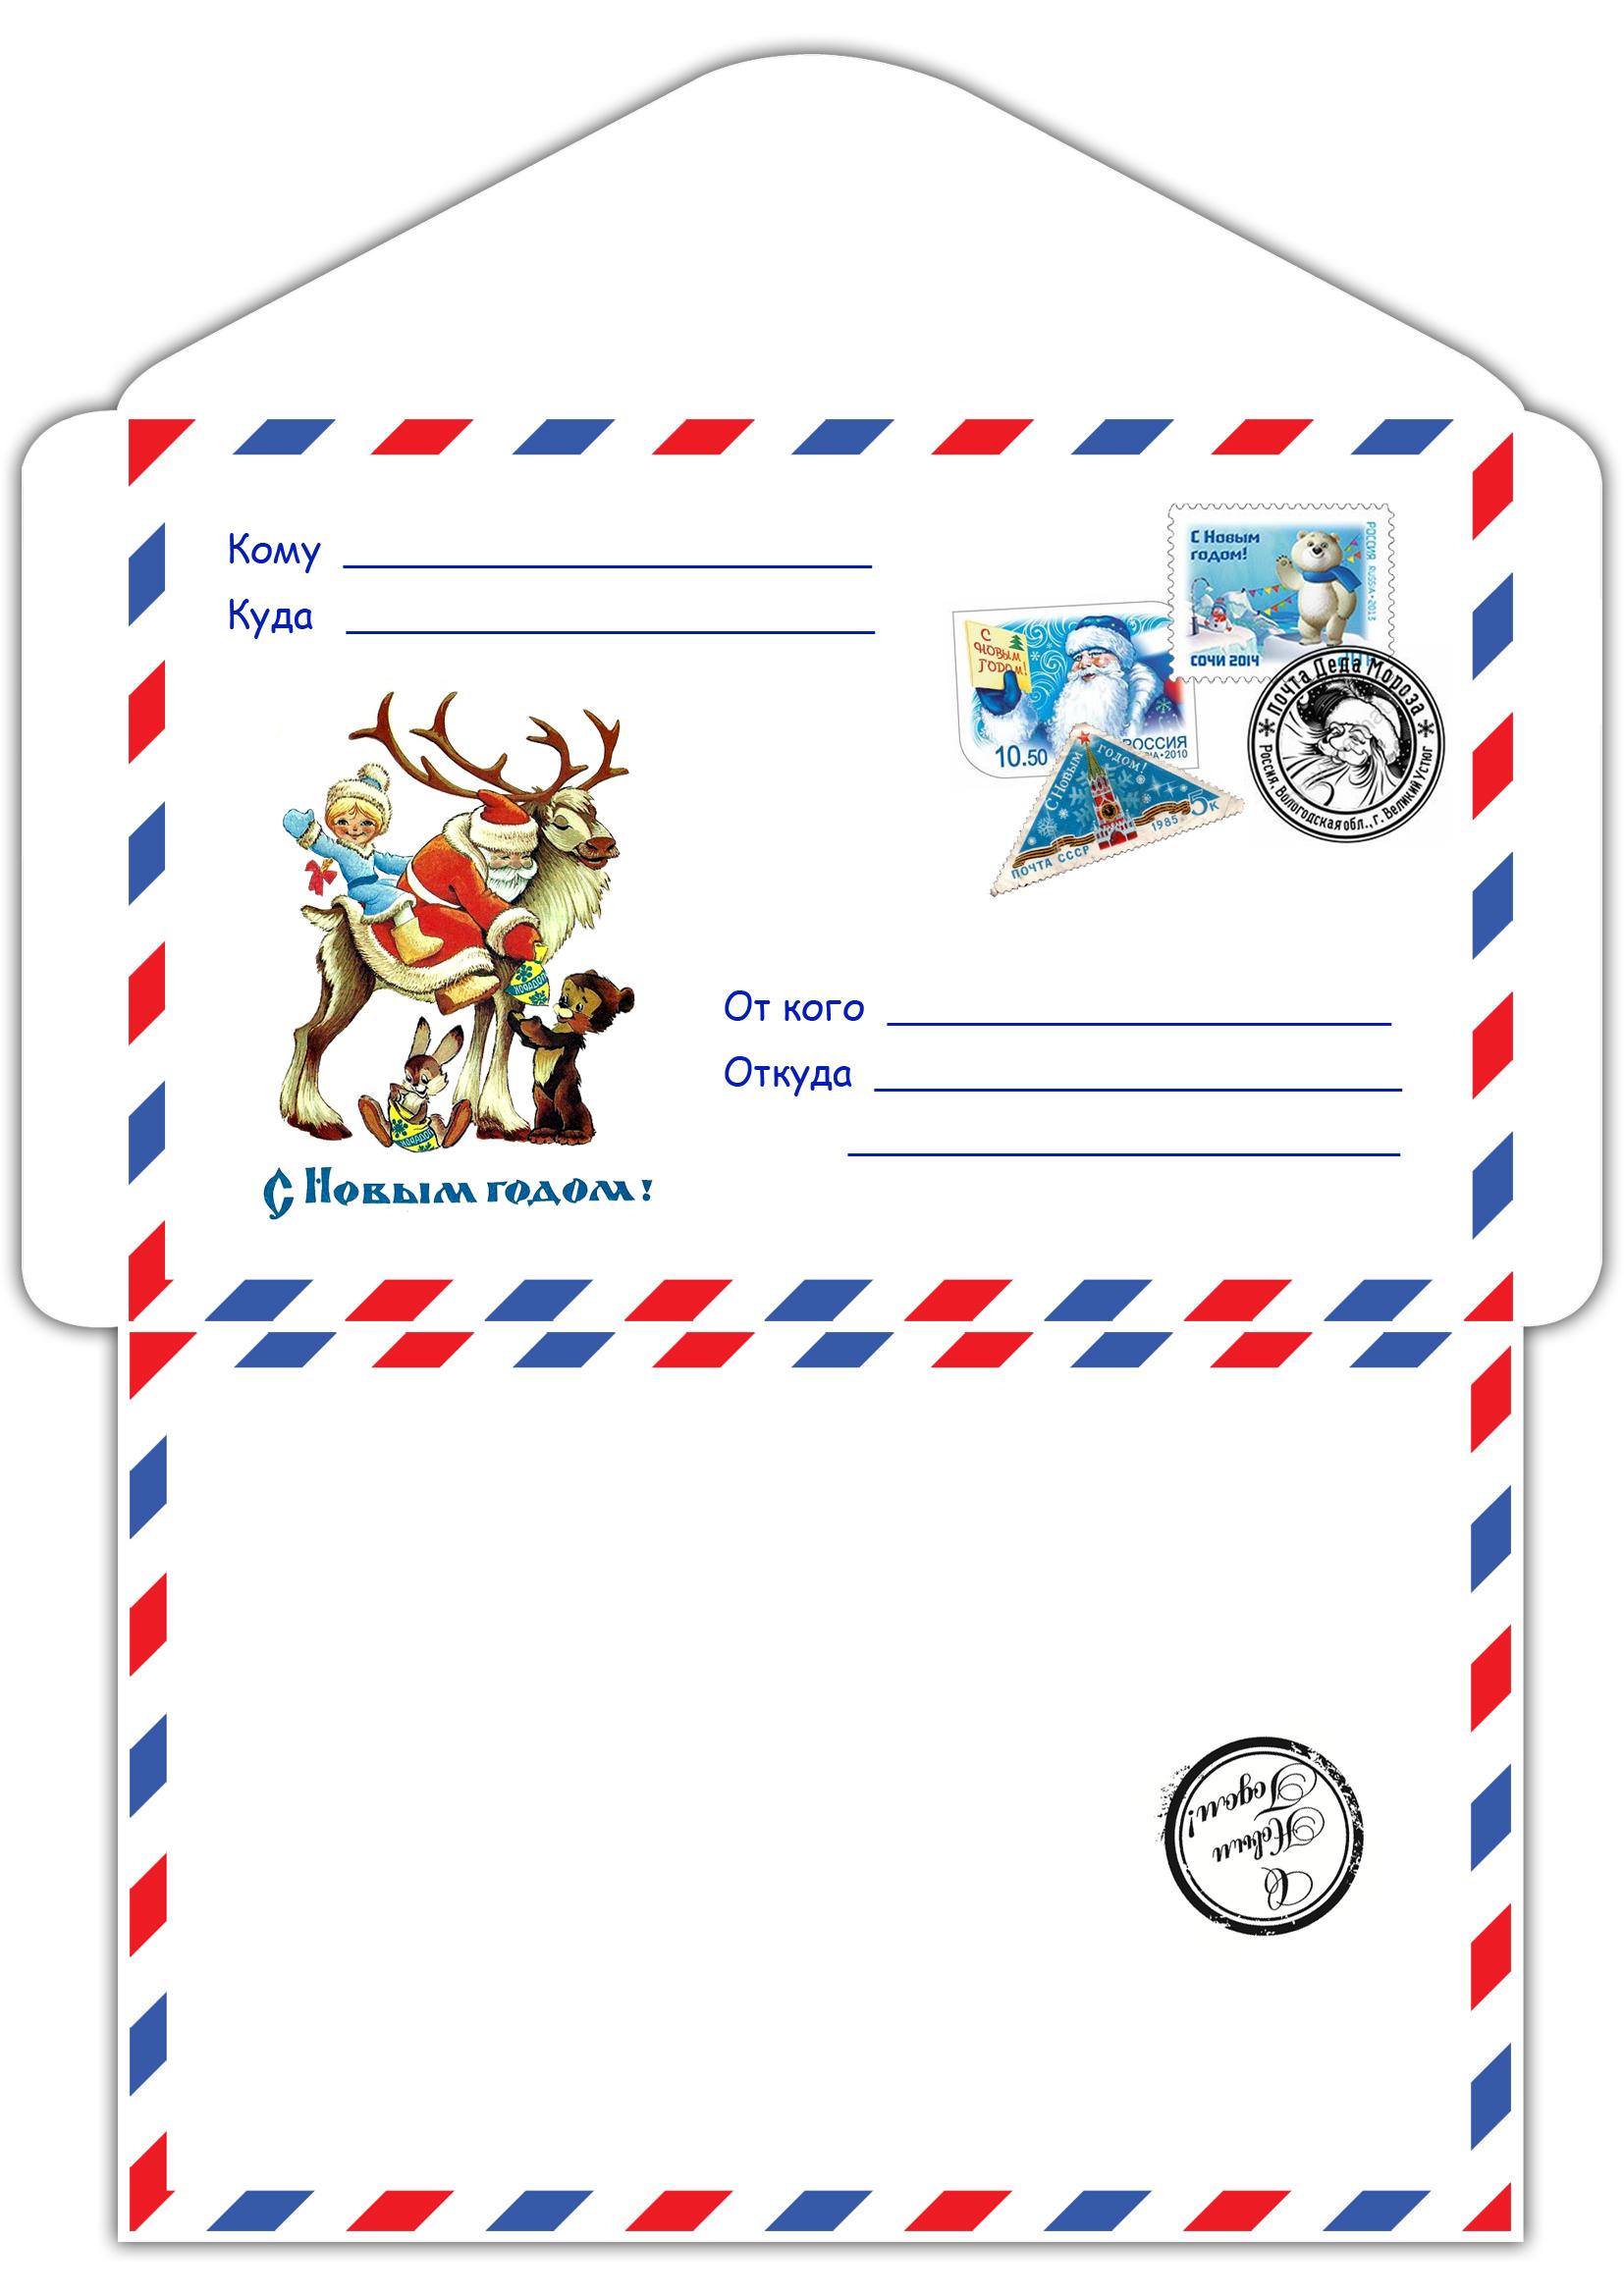 Как сделать конверт из бумаги? Поделки из бумаги! 64